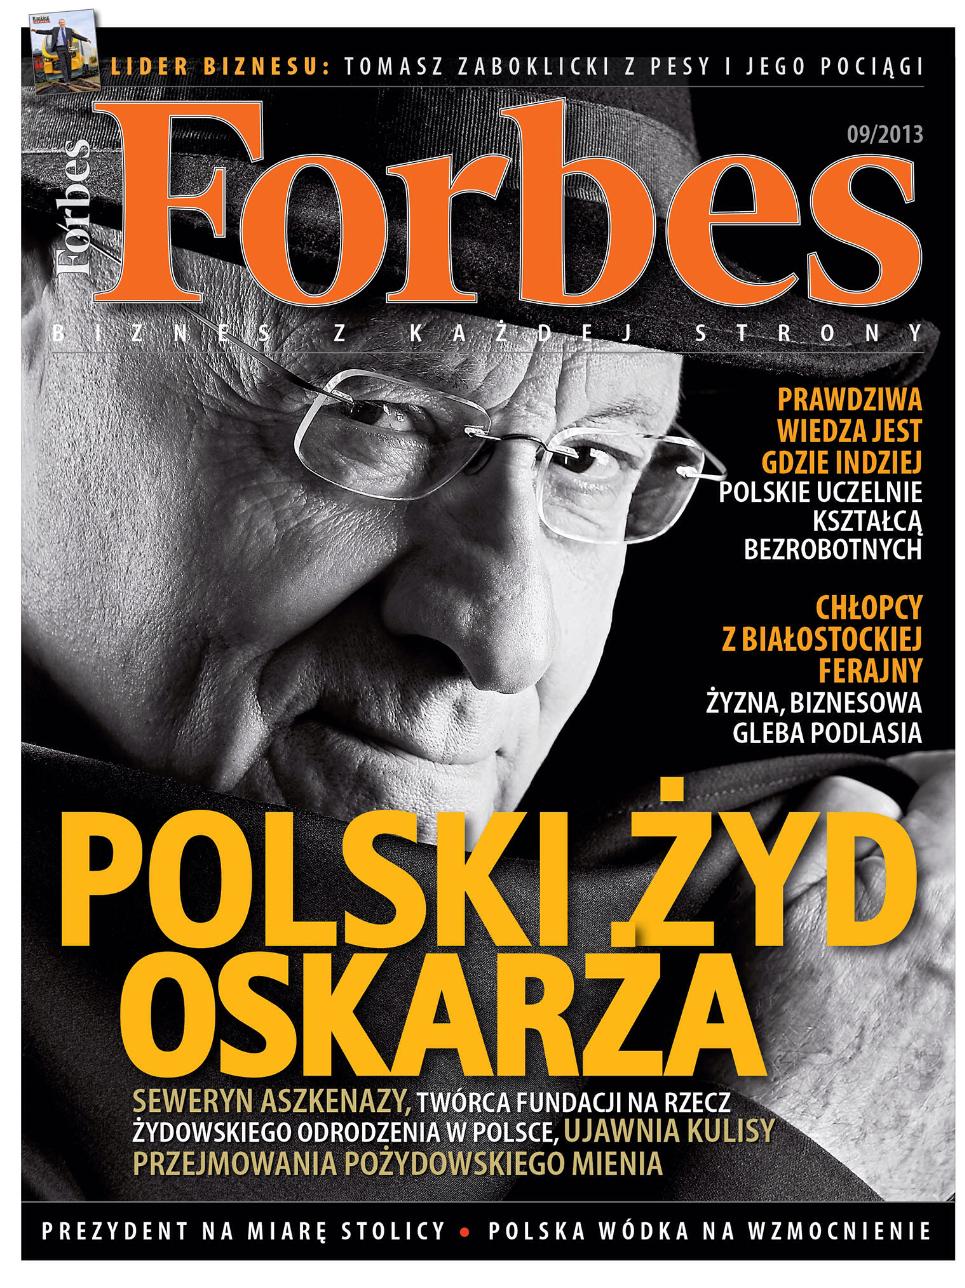 """שער גליון """"פורבס"""" פולין מספטמבר 2013, שבו פורסם התחקיר על הקהילה היהודית ורכוש קורבנות השואה"""